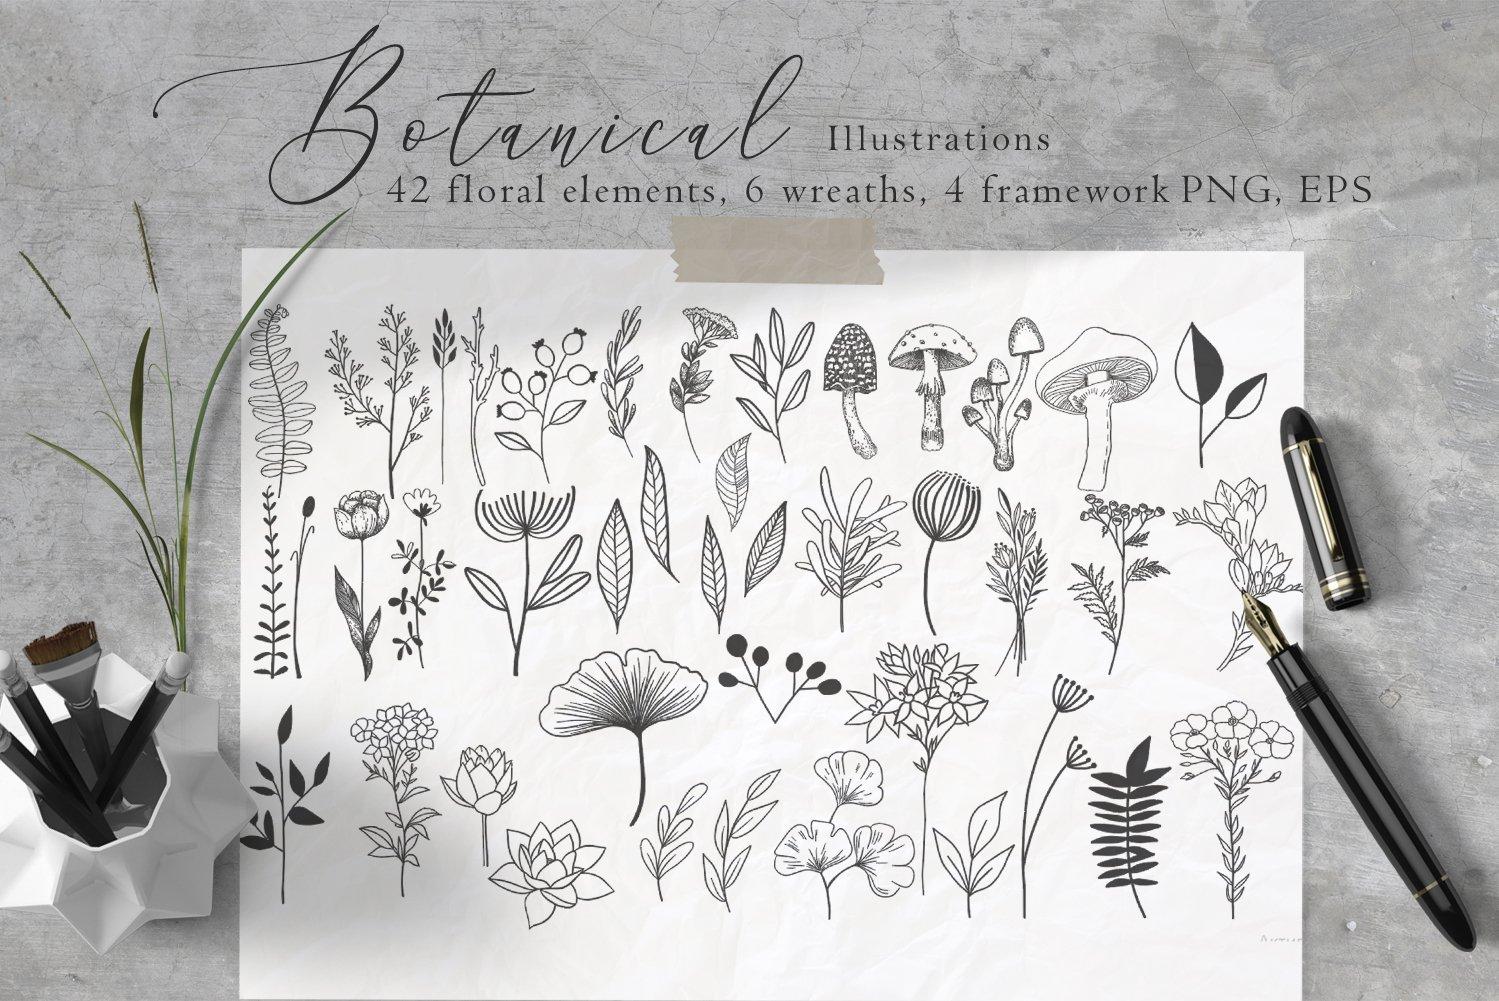 黑白线条手绘插画矢量设计素材 Floral Botanical Illustrations插图